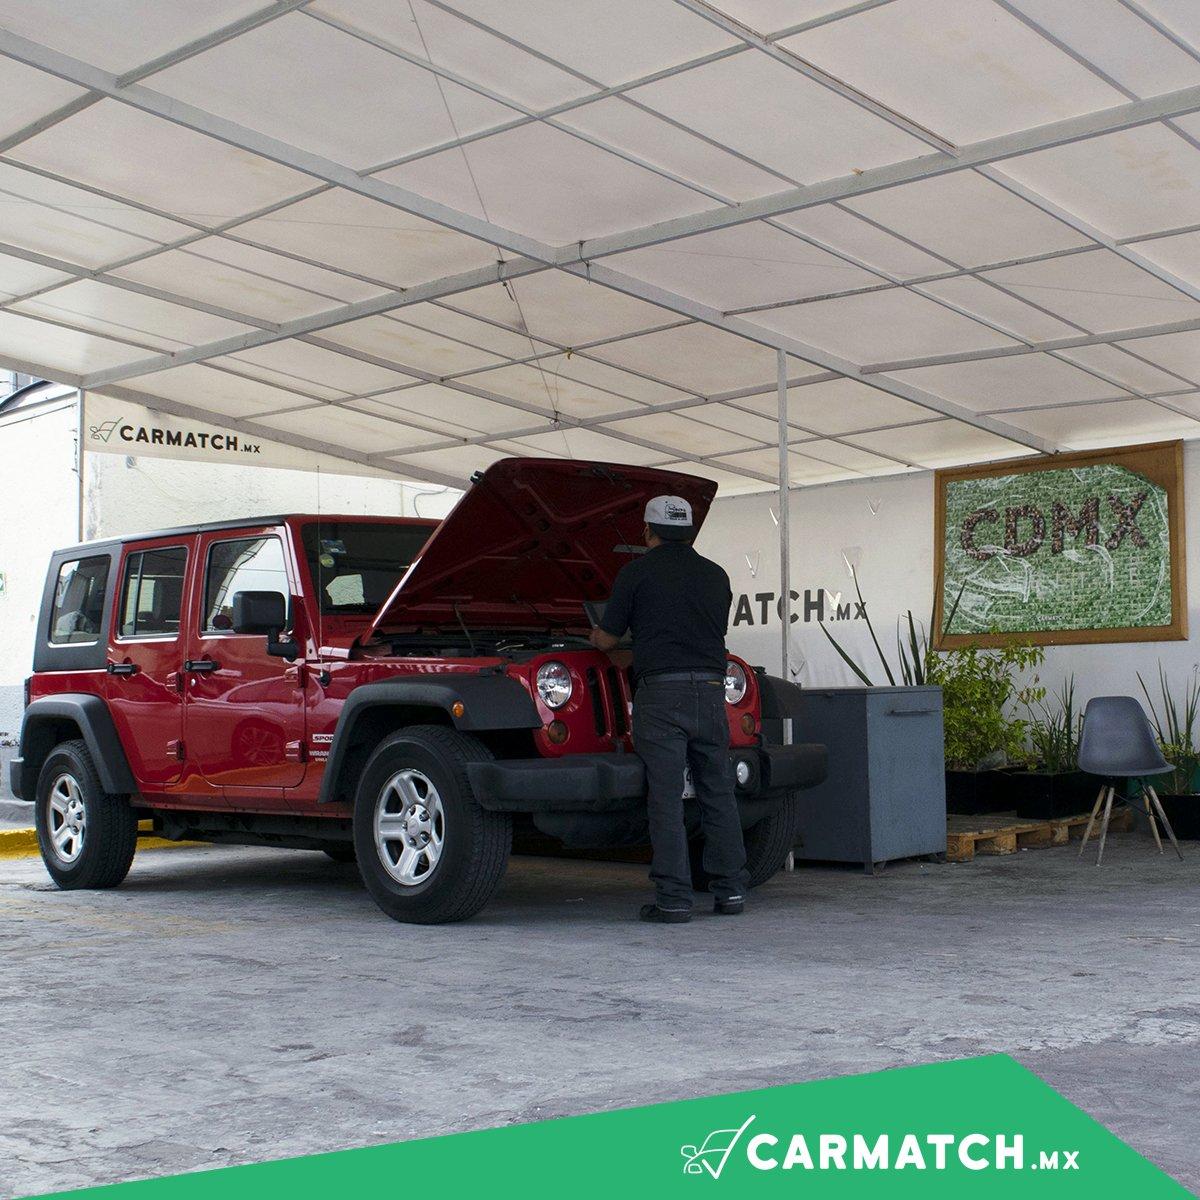 ¿Sabías que nuestro personal está 100% capacitado para inspeccionar tu auto de manera no invasiva? Gracias a esto, contamos con más de 40 inspecciones diarias 😉 🚙🔧📝  ¡Ven y vende tu coche en CarmatchMx! Agenda tu cita aquíhttps://t.co/piKYyCTohe https://t.co/nfjeiuisLf